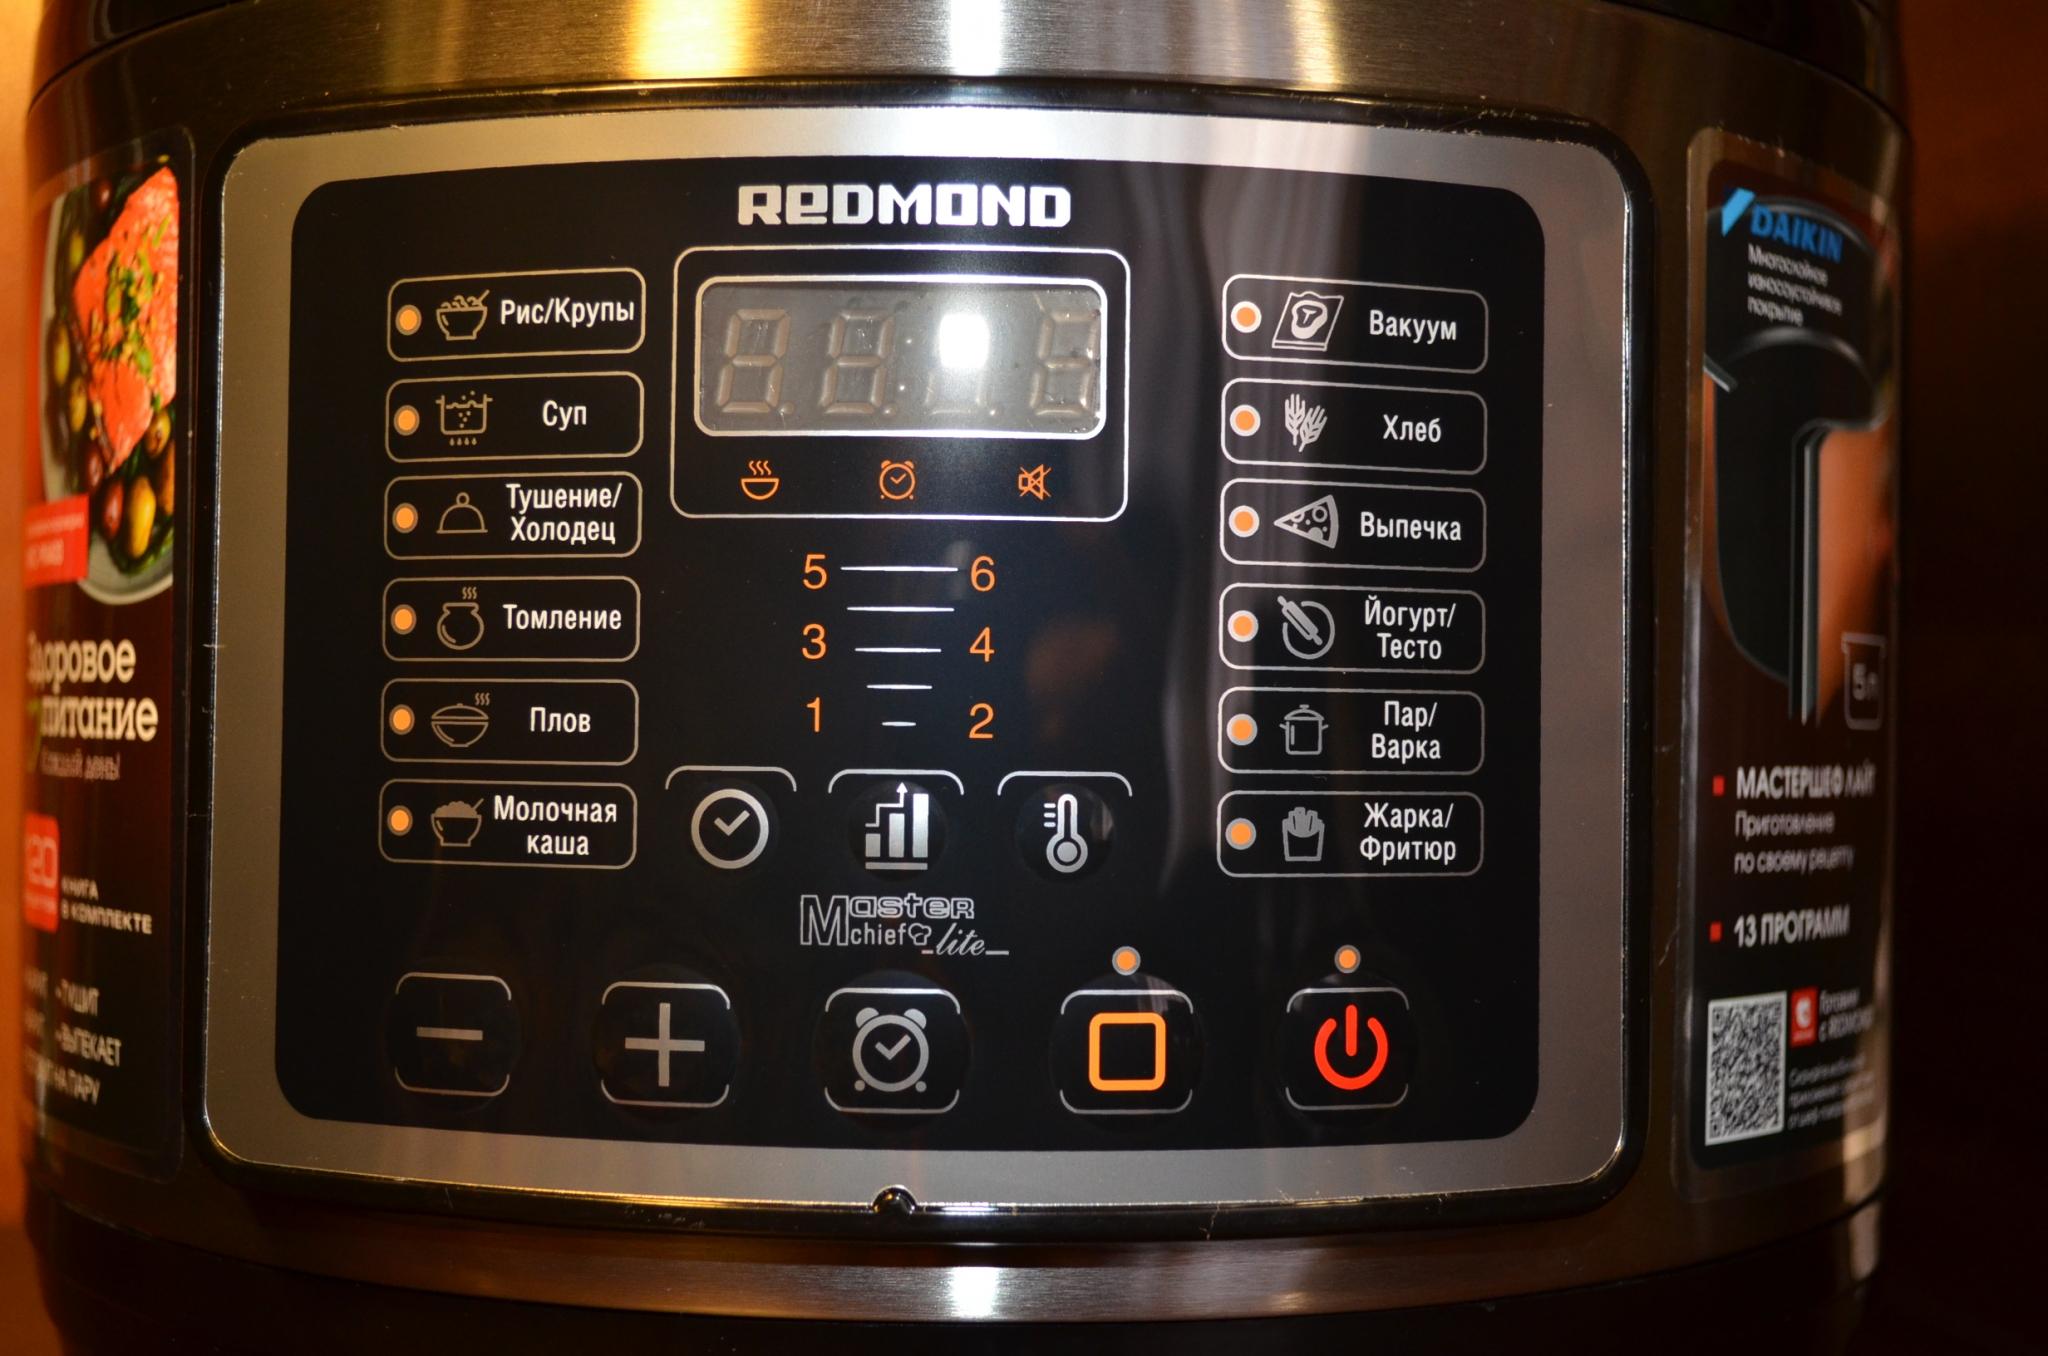 Дисплей мультиварки Redmond RMC PM400